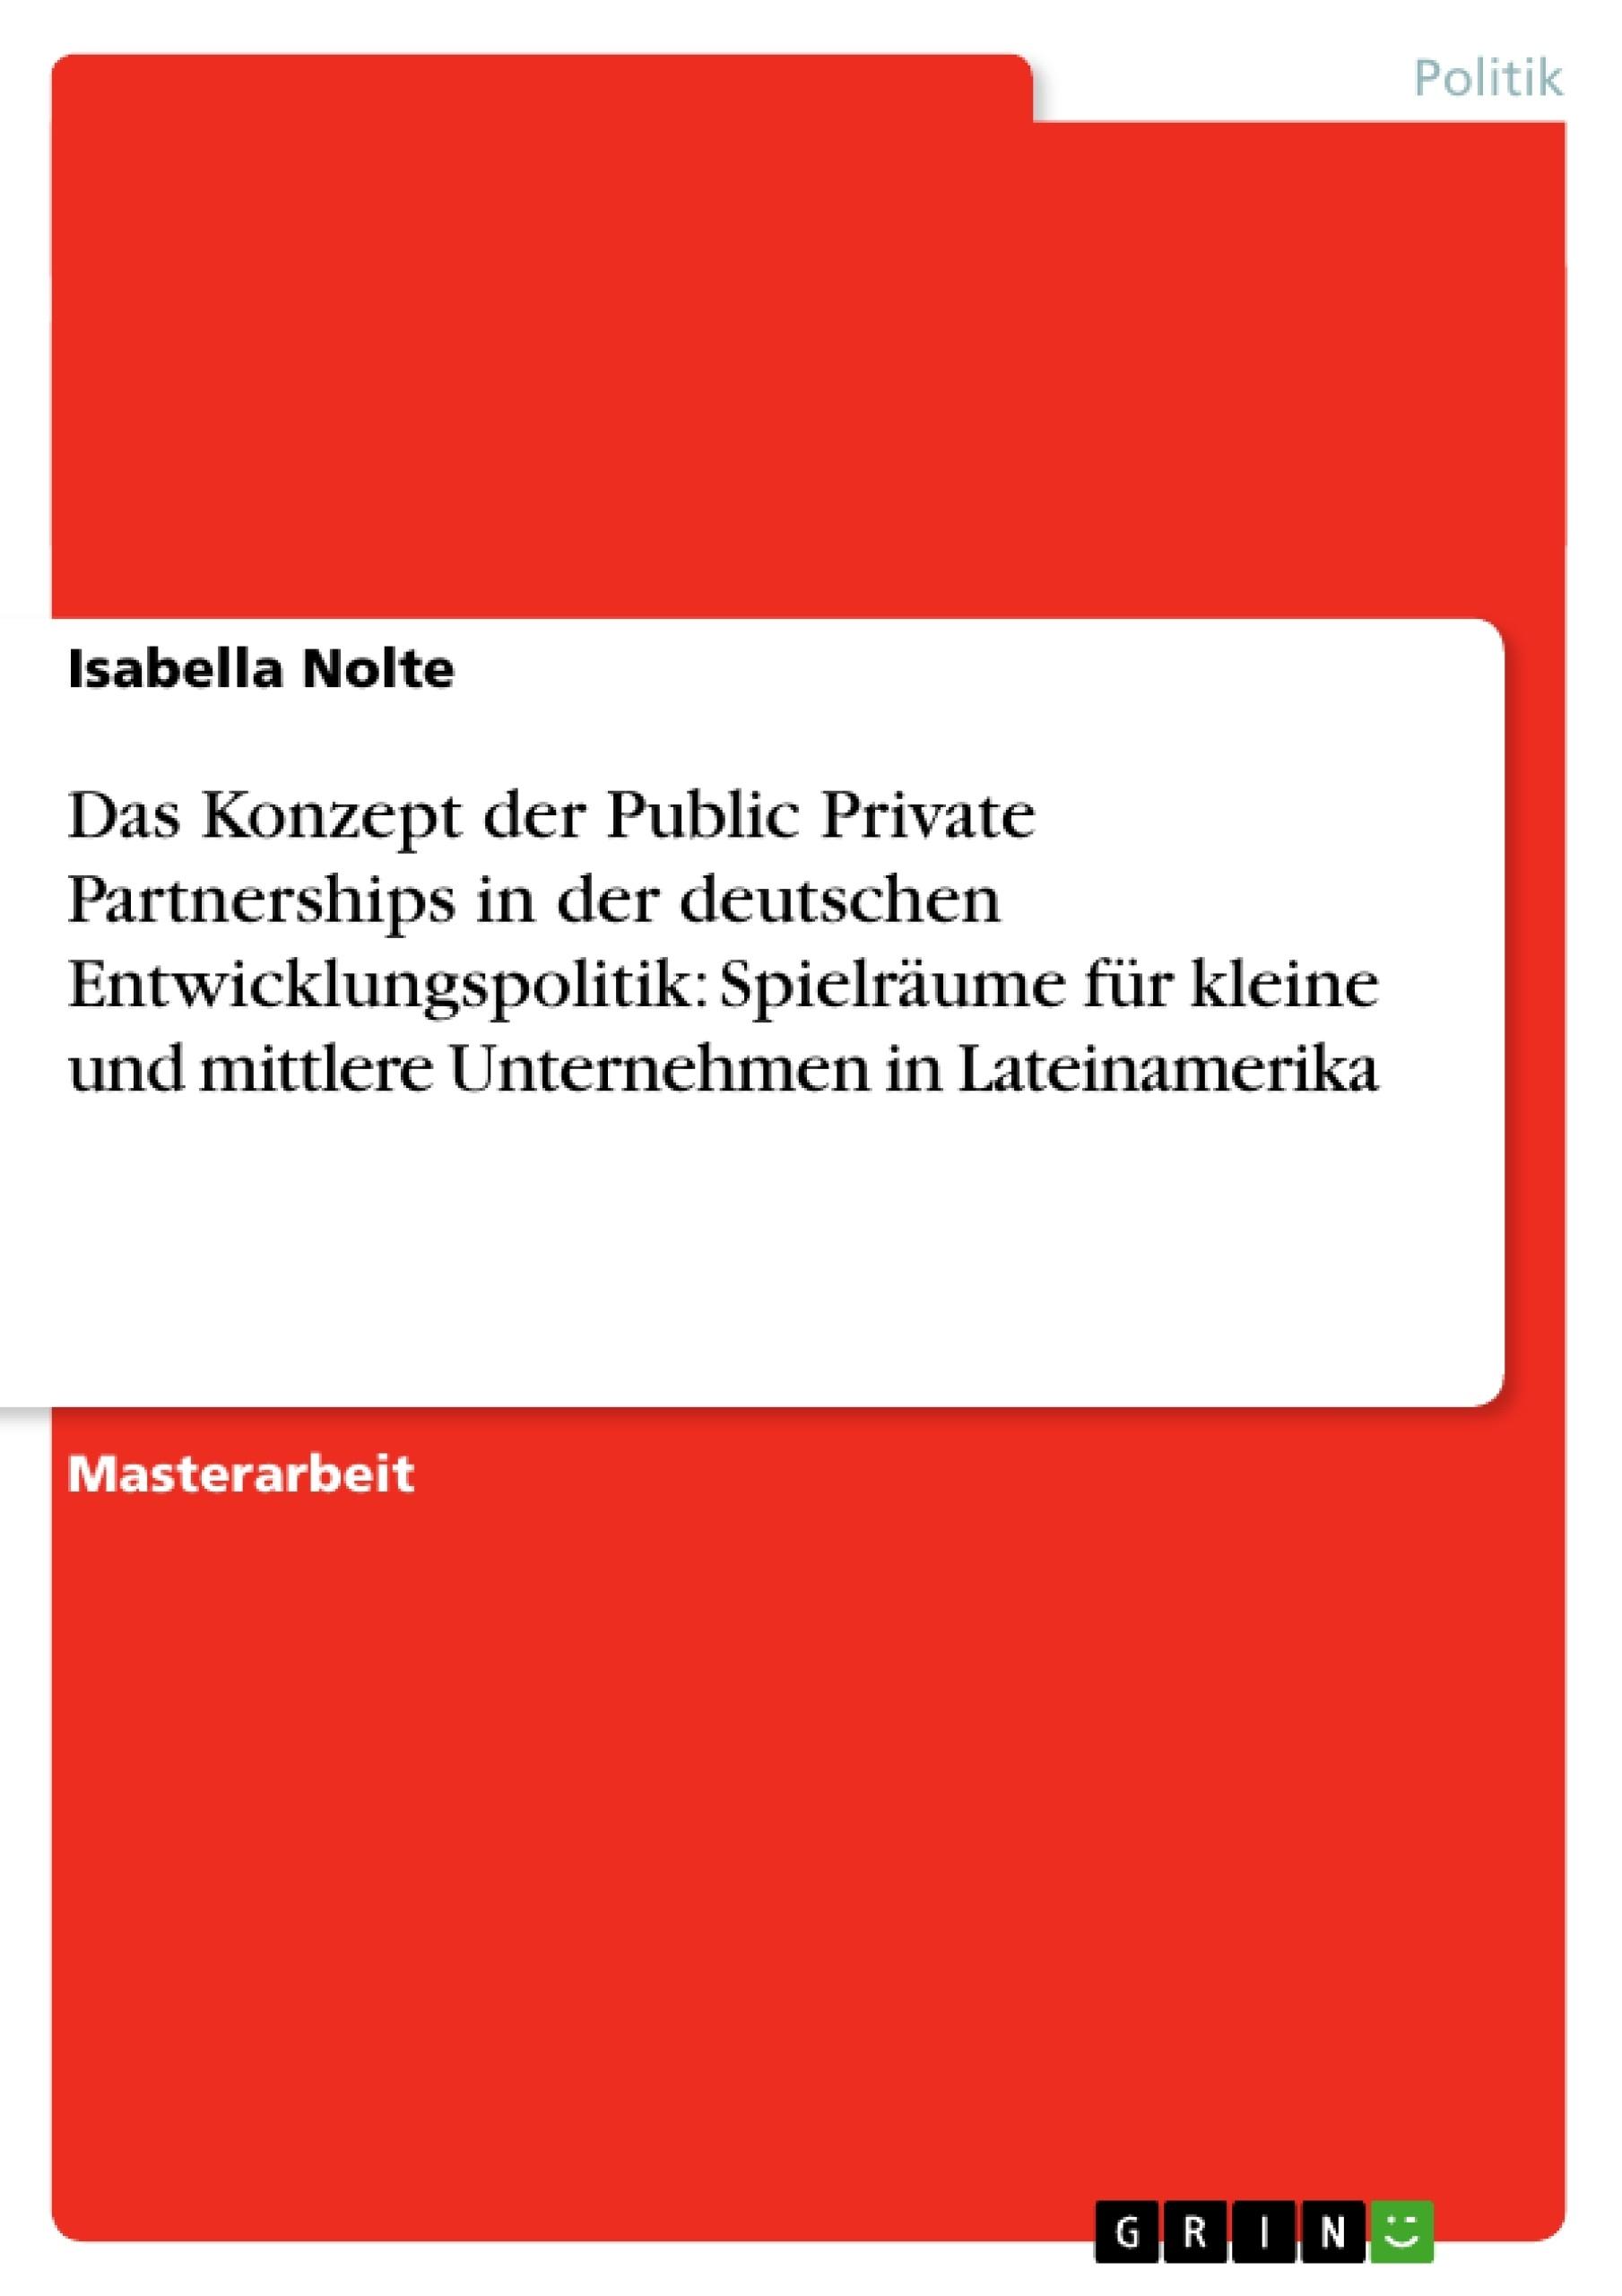 Titel: Das Konzept der Public Private Partnerships in der deutschen Entwicklungspolitik: Spielräume für kleine und mittlere Unternehmen in Lateinamerika